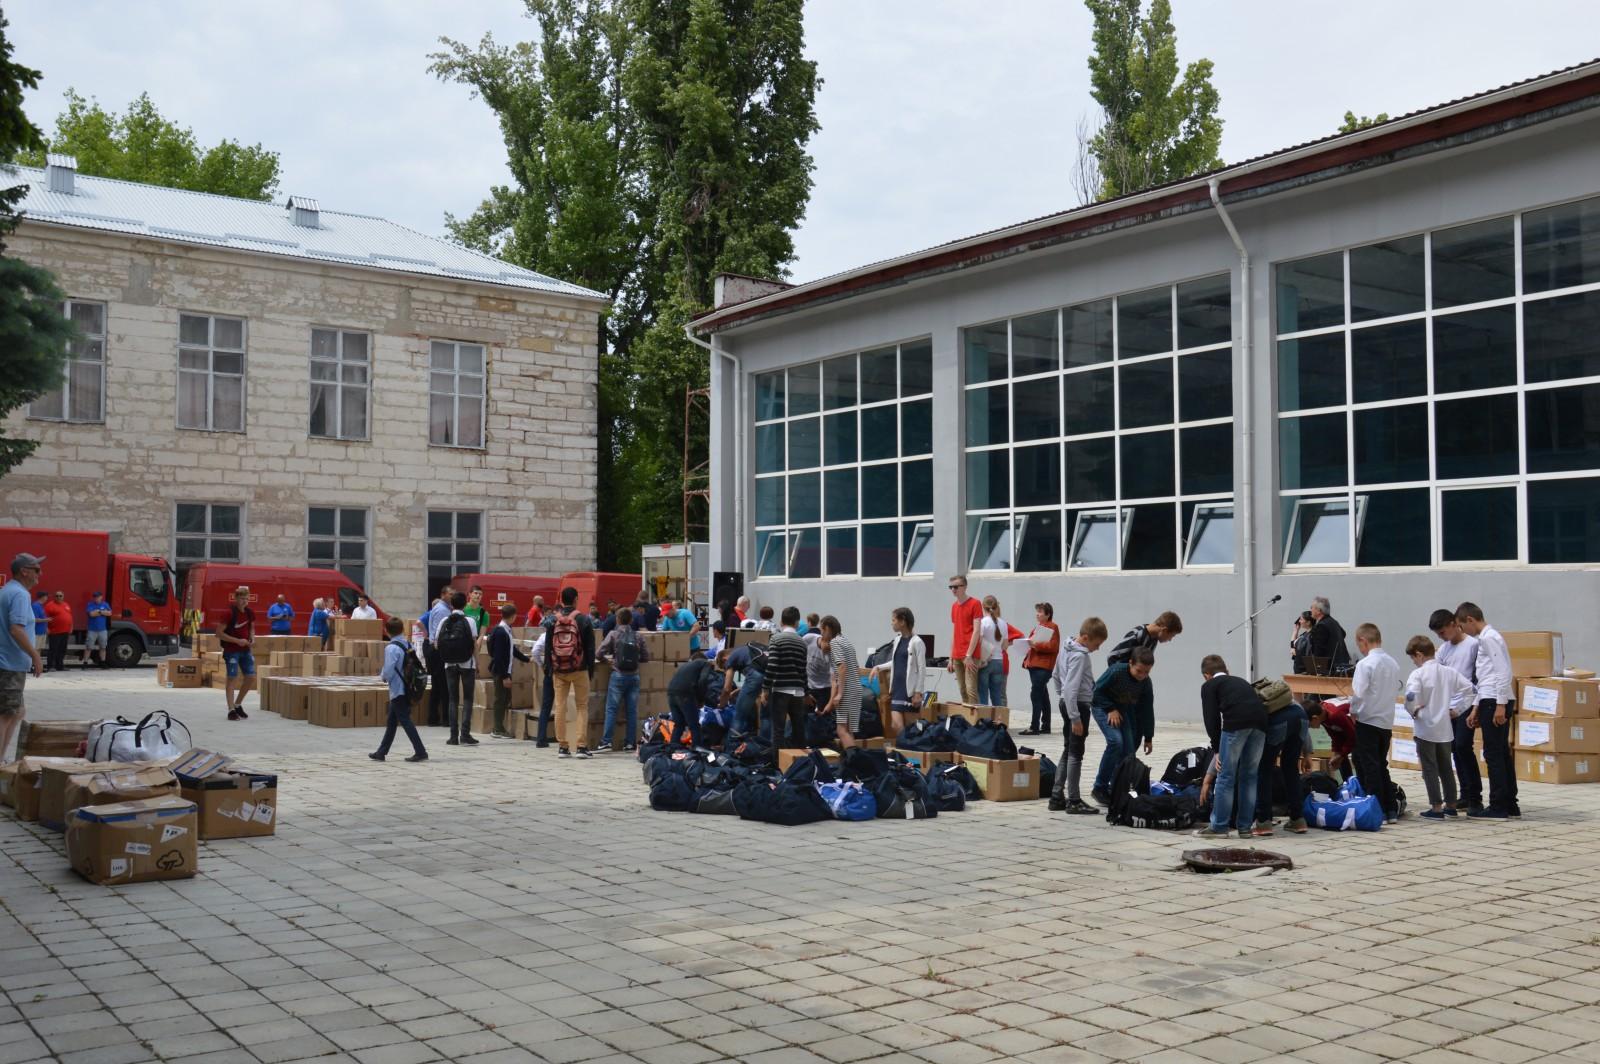 (foto) Opt camioane cu ajutoare umanitare din Marea Britanie, destinate copiilor, au ajuns în Republica Moldova